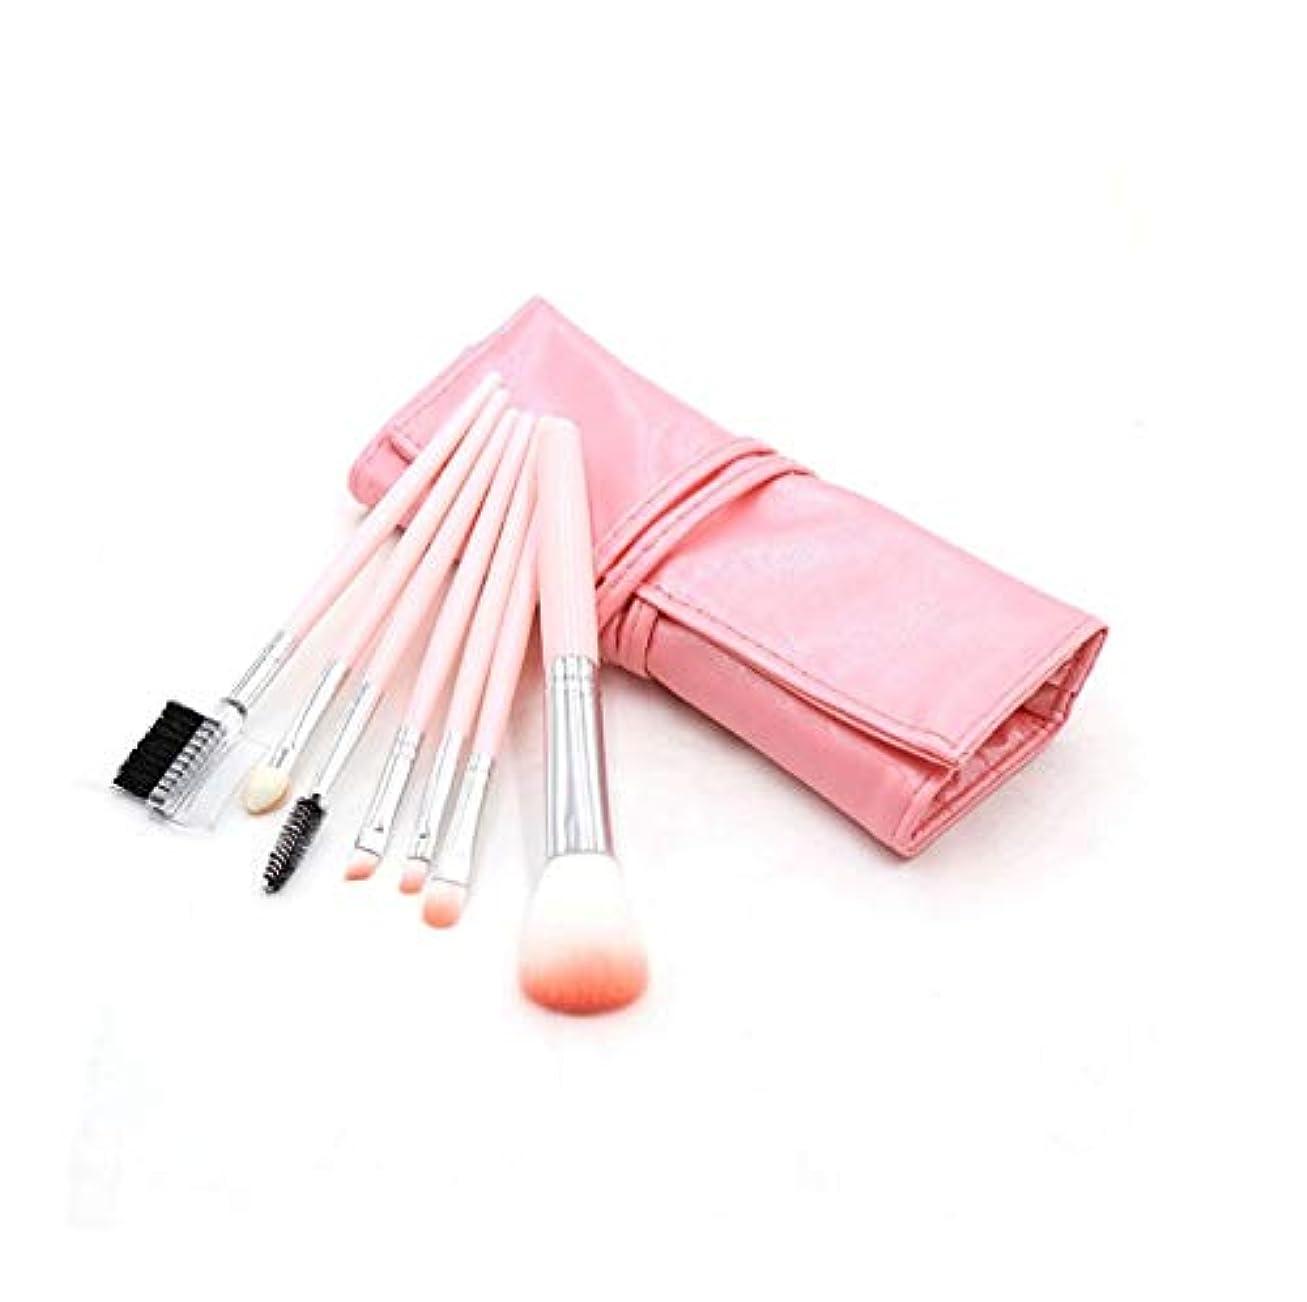 差別的勝者ひねり化粧ブラシセット、ピンク7化粧ブラシ化粧ブラシセットアイシャドウブラシリップブラシ美容化粧道具